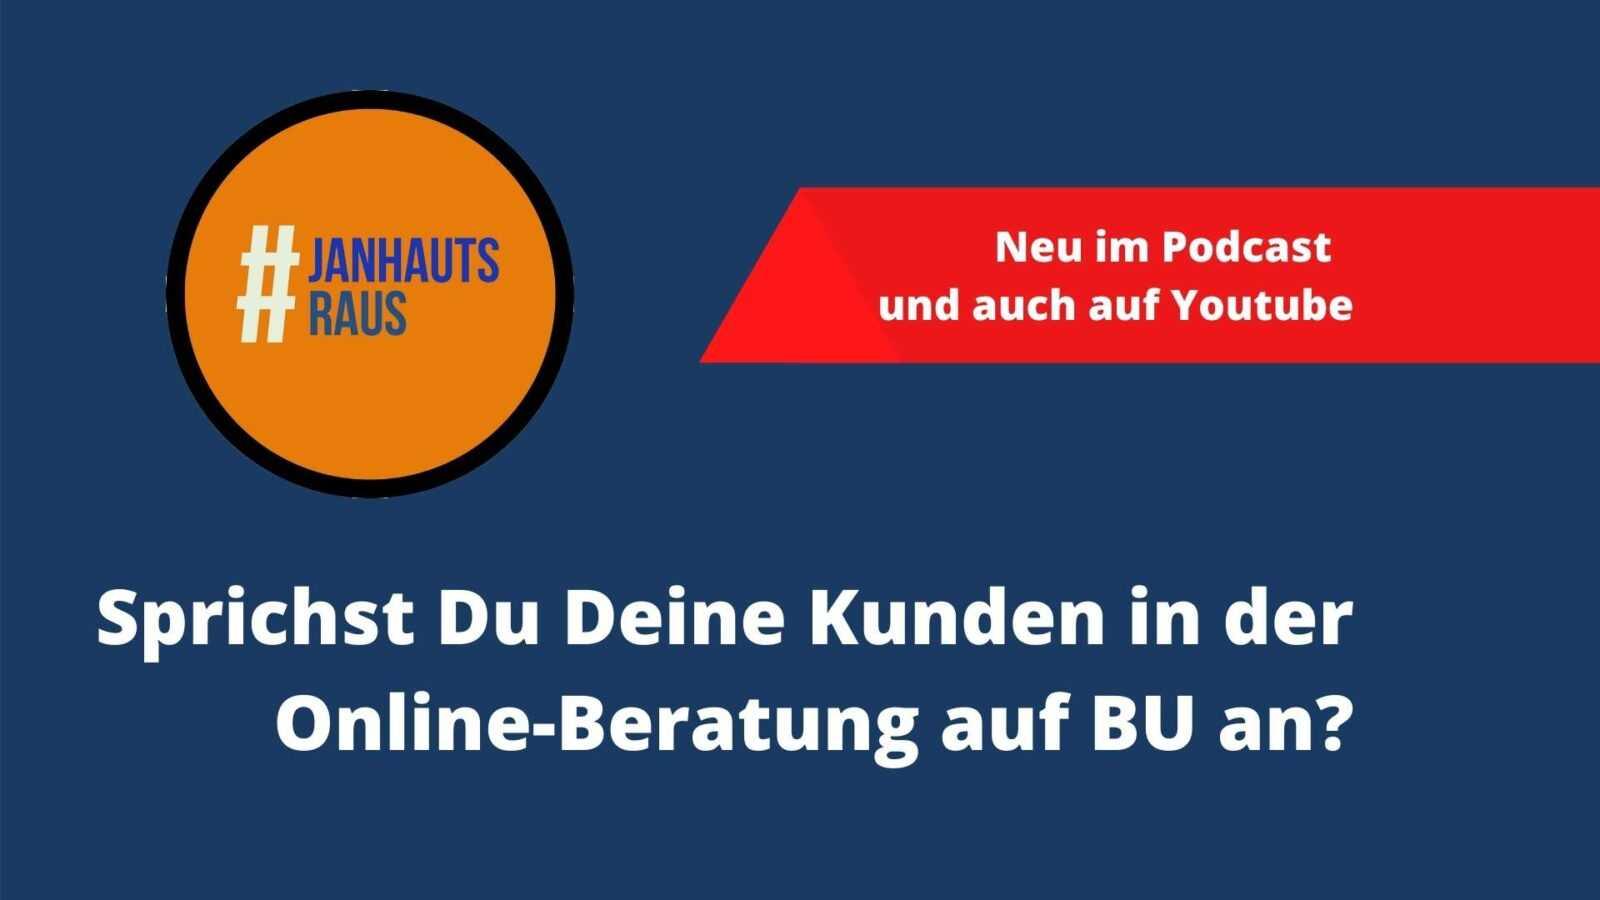 Sprichst Du Deine Kunden in der Onlineberatung auf BU an